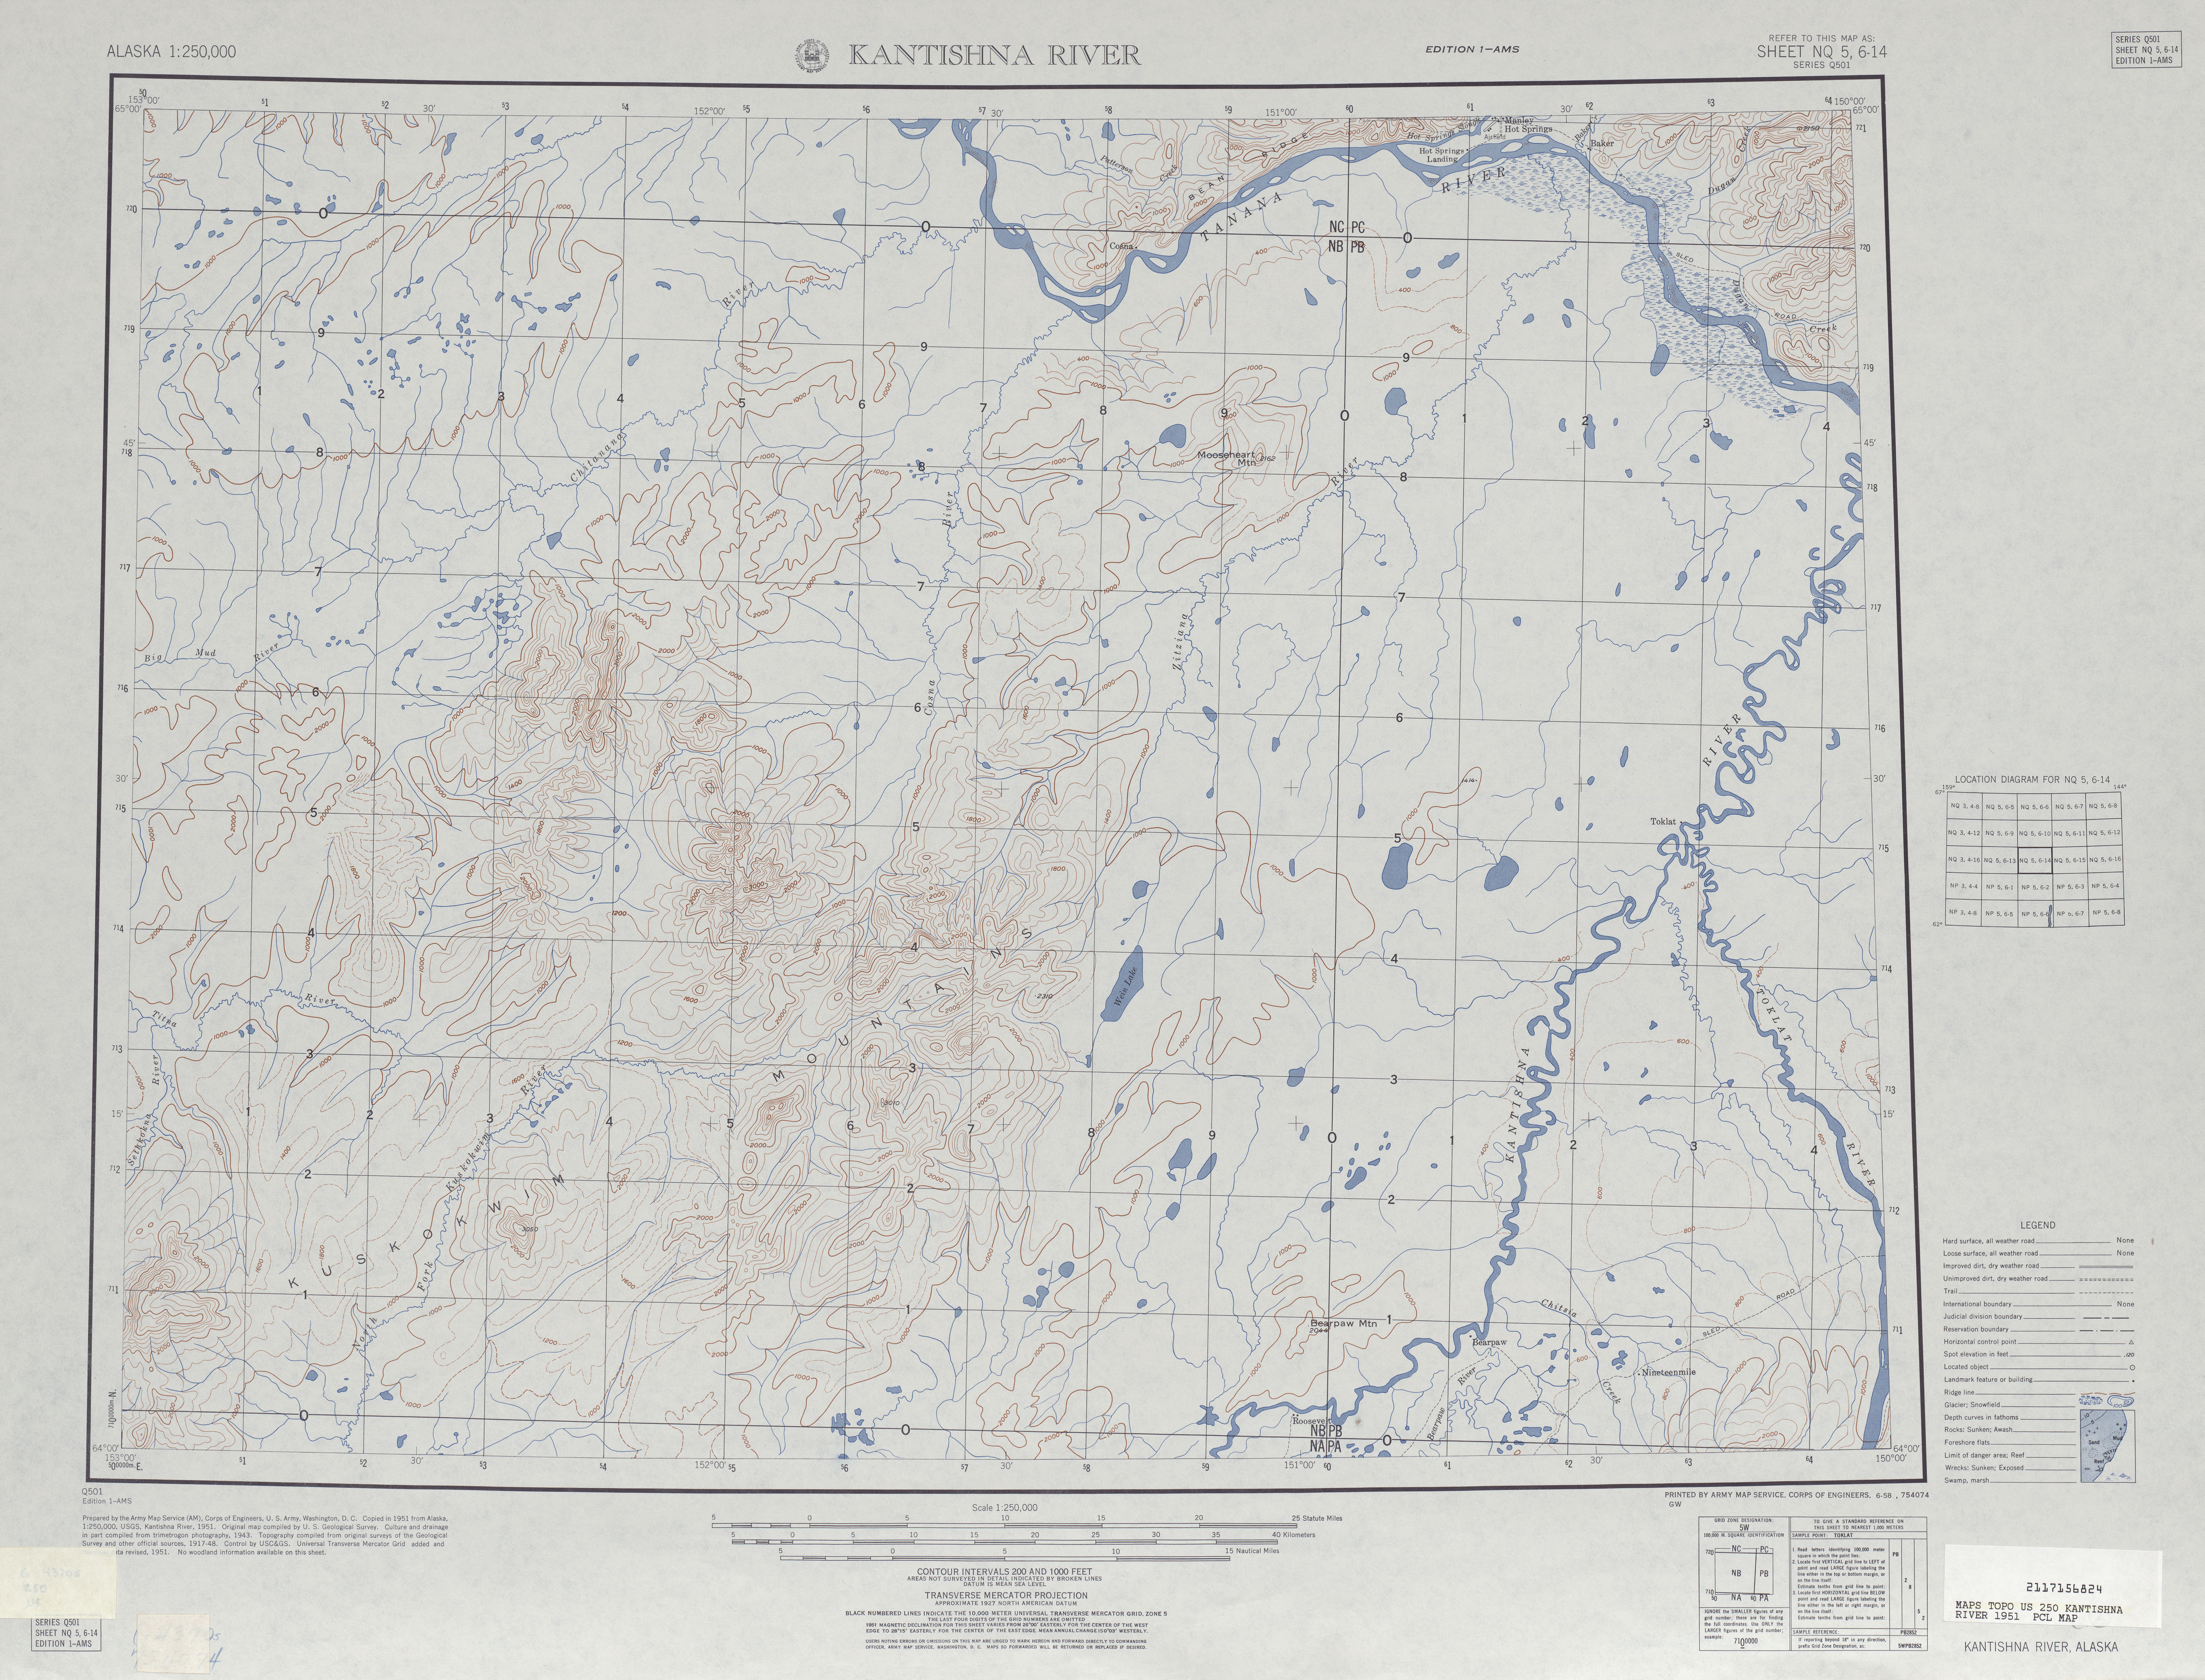 Hoja Kantishna River del Mapa Topográfico de los Estados Unidos 1951